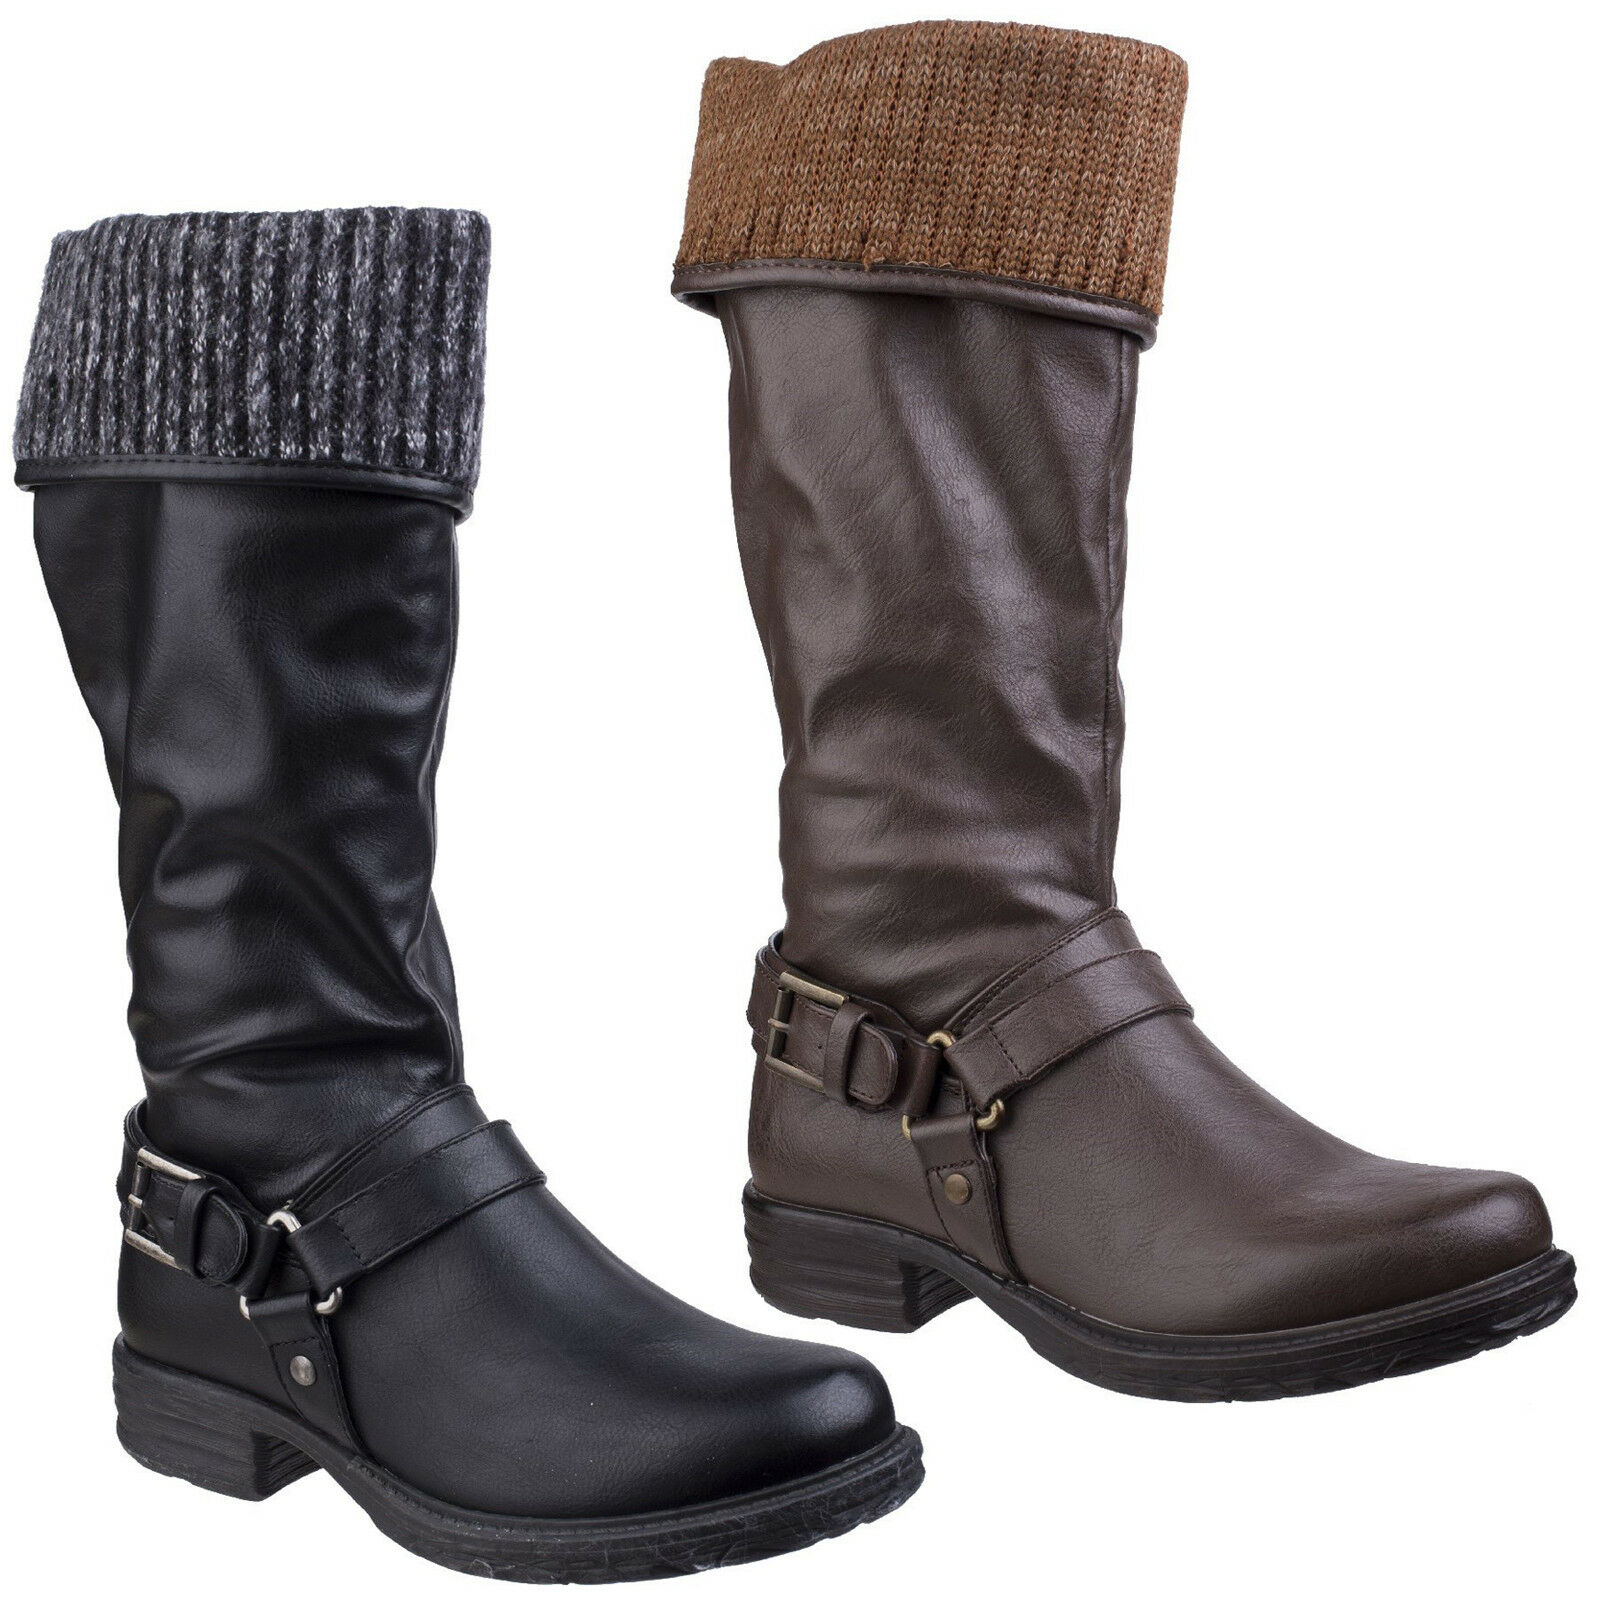 Divaz Monroe Alto botas Largas Cremallera Cremallera Cremallera Hasta Tacón Alto Zapatos De Mujer De Moda Para Damas  ahorre 60% de descuento